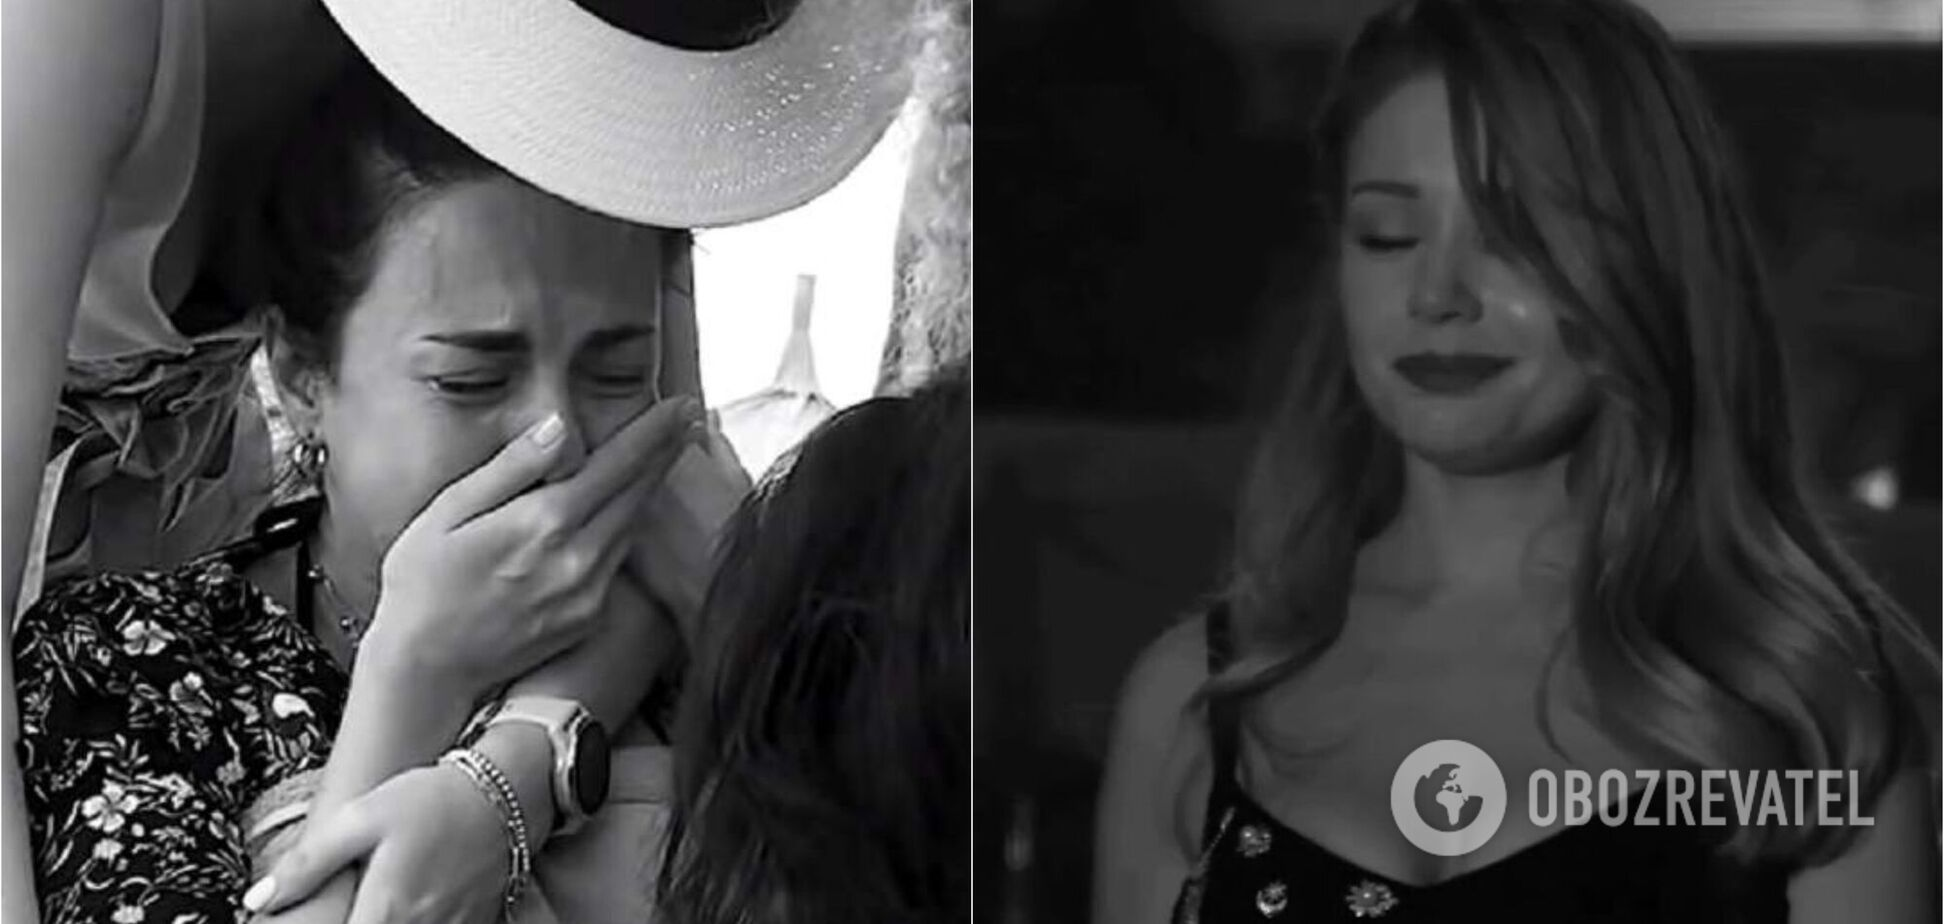 Олег Филимонов, Тина Кароль и другие украинские звезды, трагически потерявшие близких. Фото